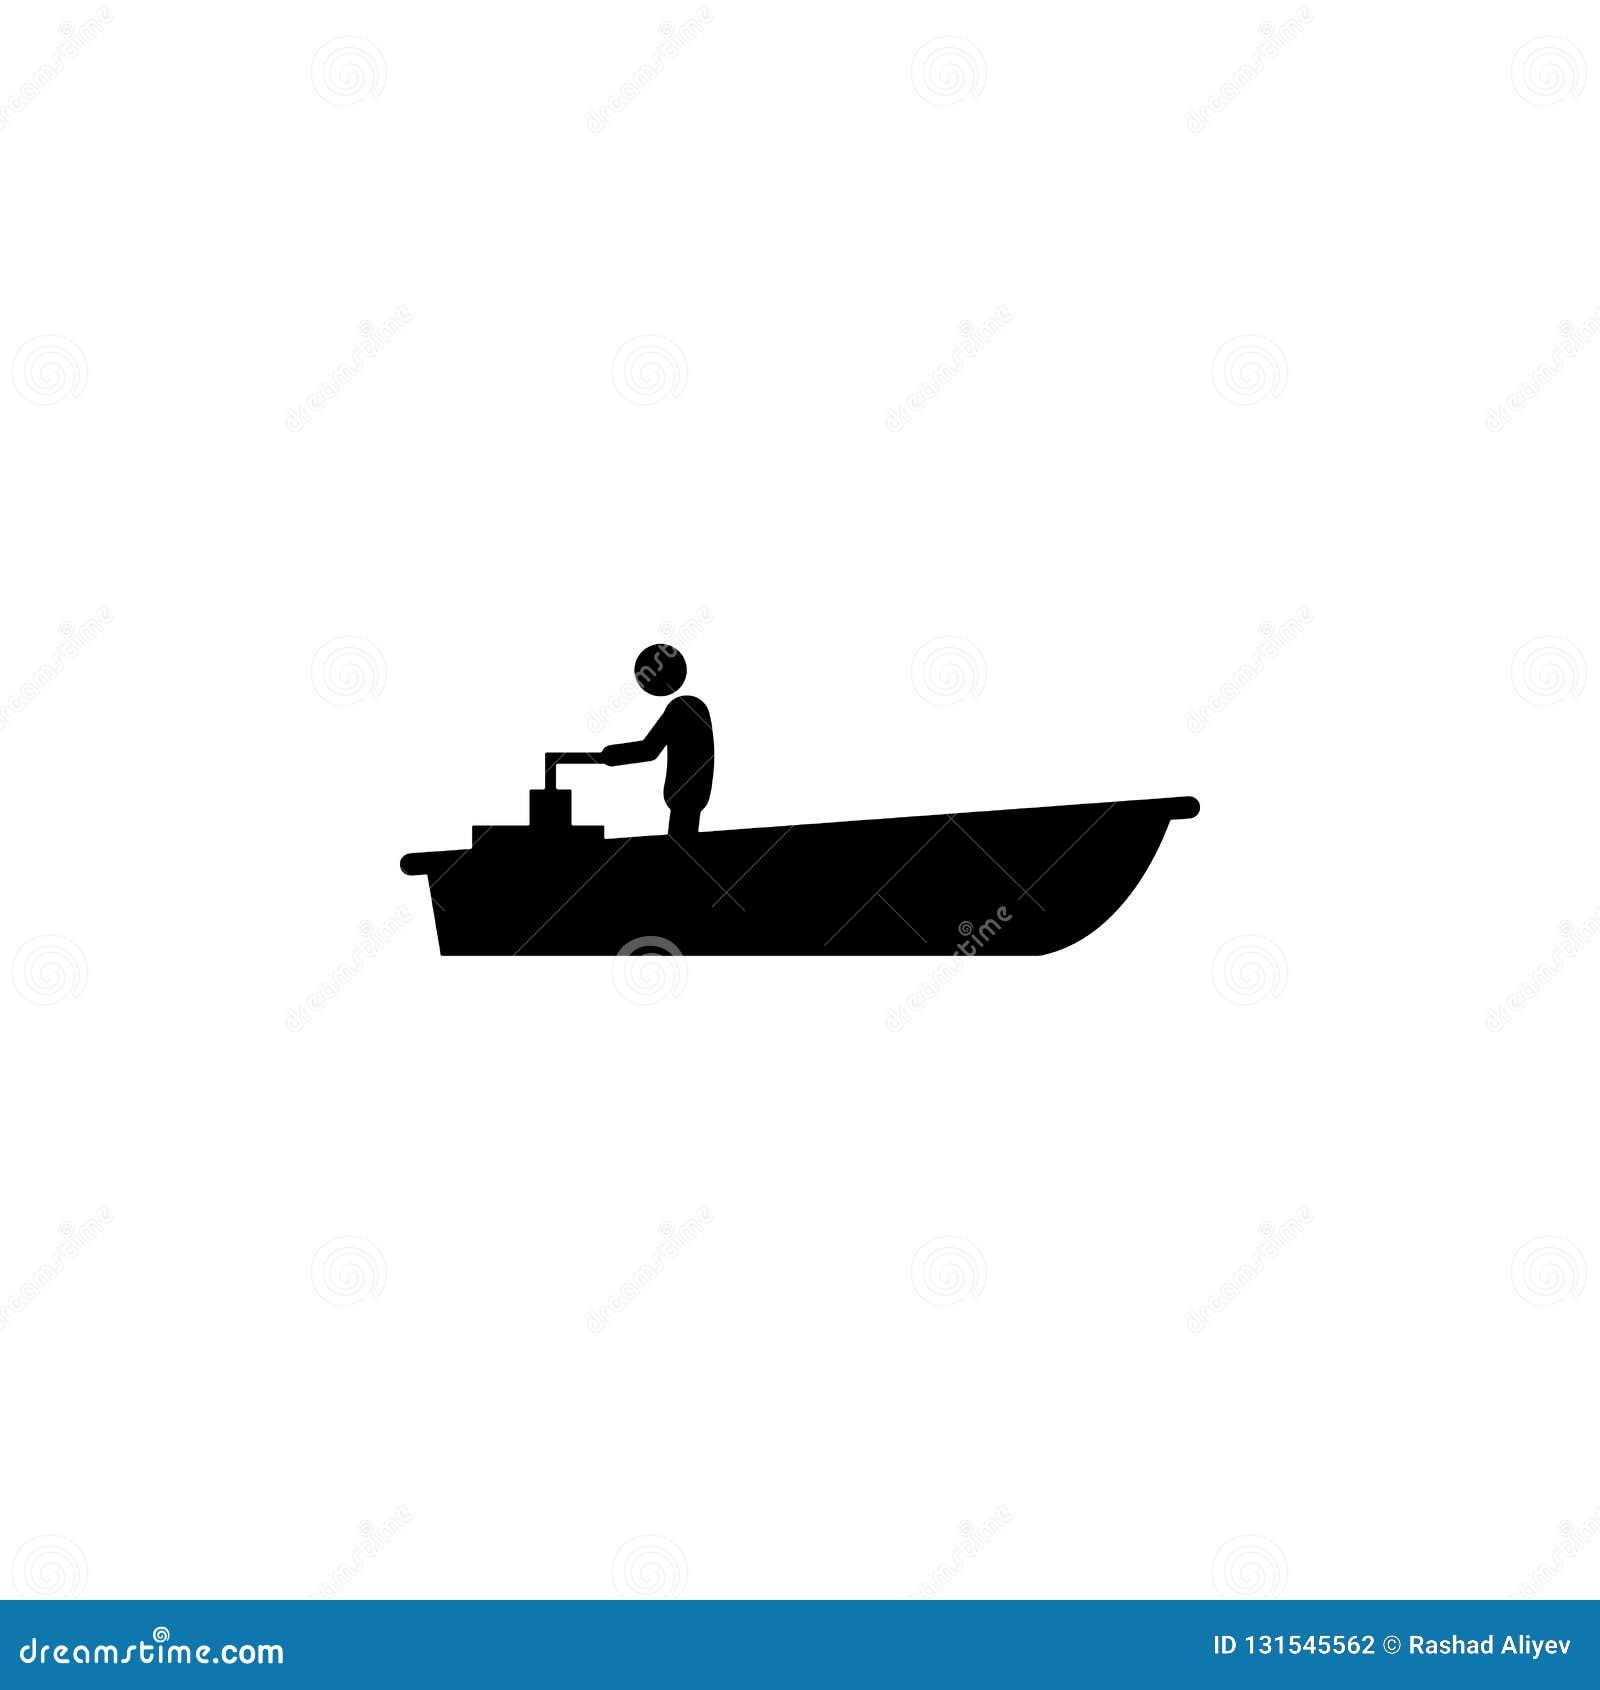 μηχανή, εικονίδιο βαρκών Στοιχείο του εικονιδίου μεταφορών νερού για την κινητούς έννοια και τον Ιστό apps Η λεπτομερής μηχανή, ε